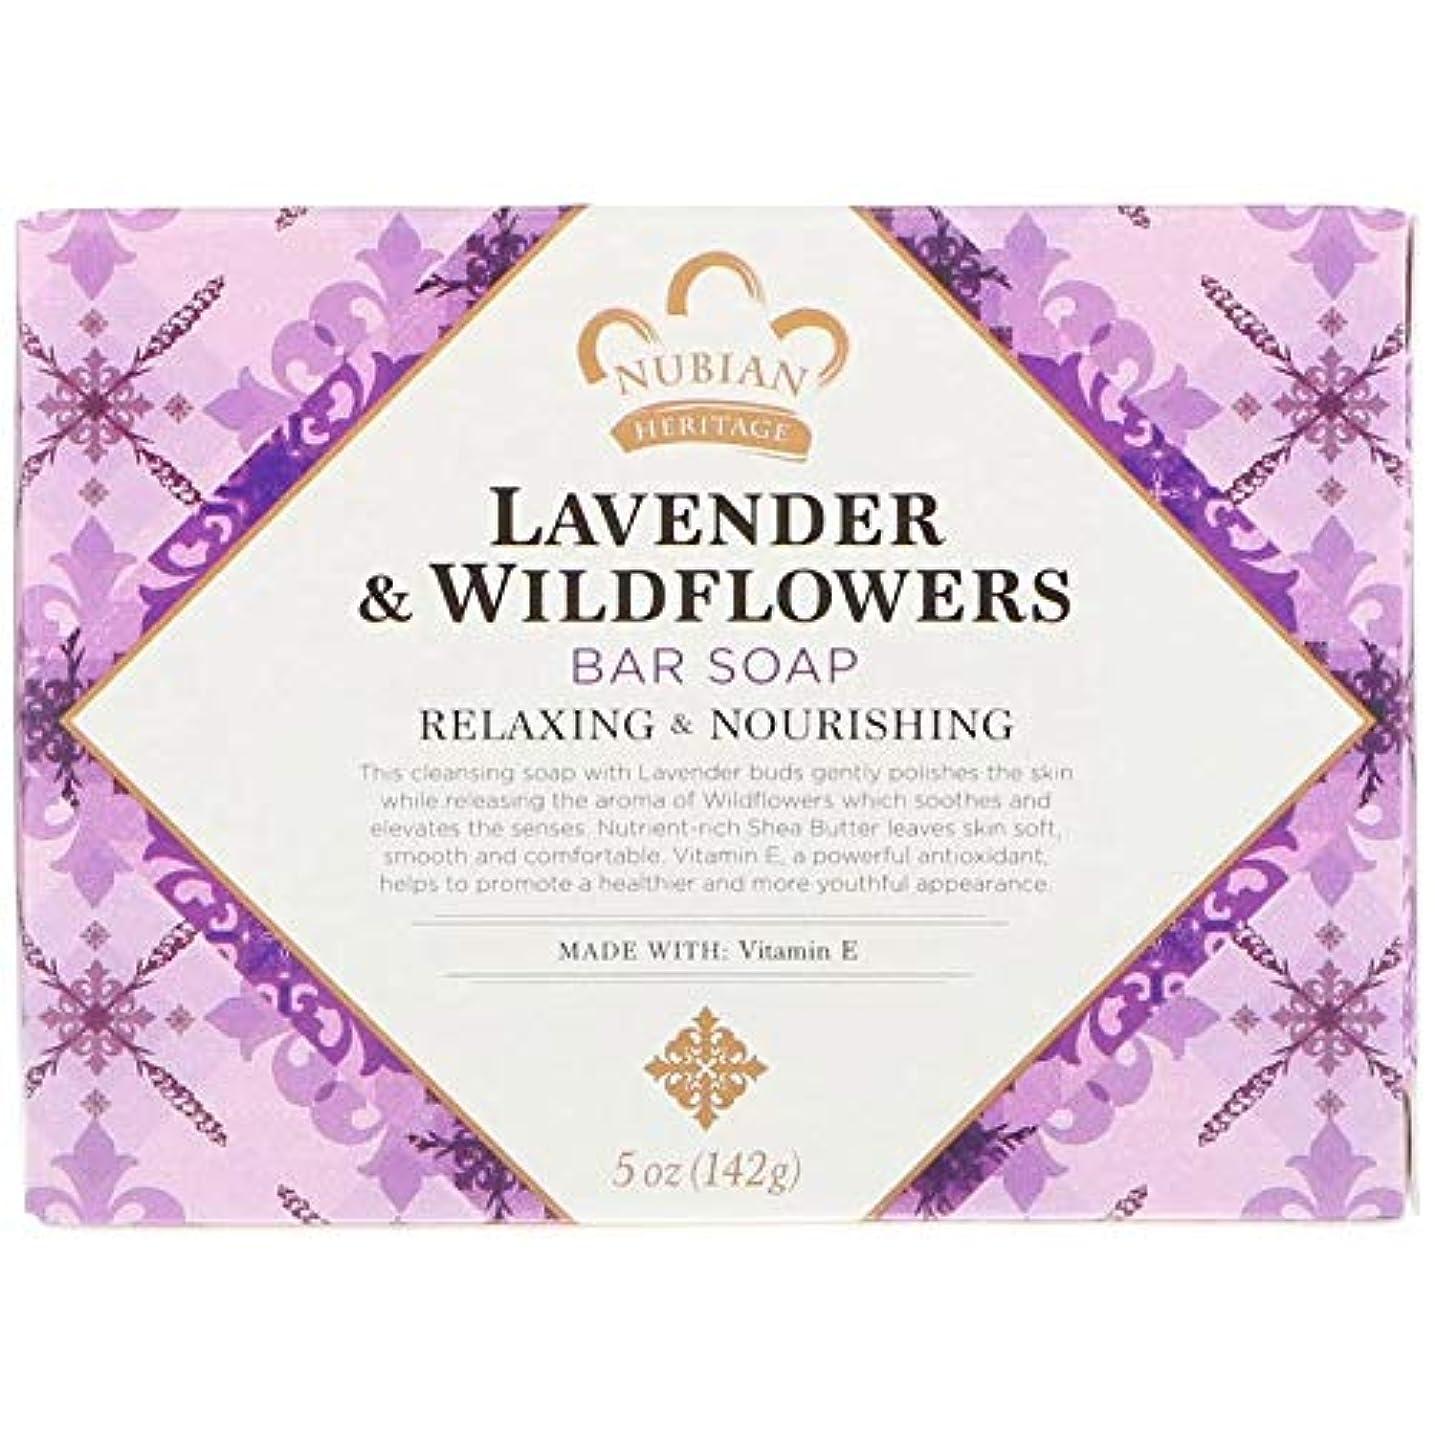 シロクマ甲虫冒険家シアバターソープ石鹸 ラベンダー&ワイルドフラワー Lavender & Wildflowers Bar Soap, 5 oz (142 g) [並行輸入品]